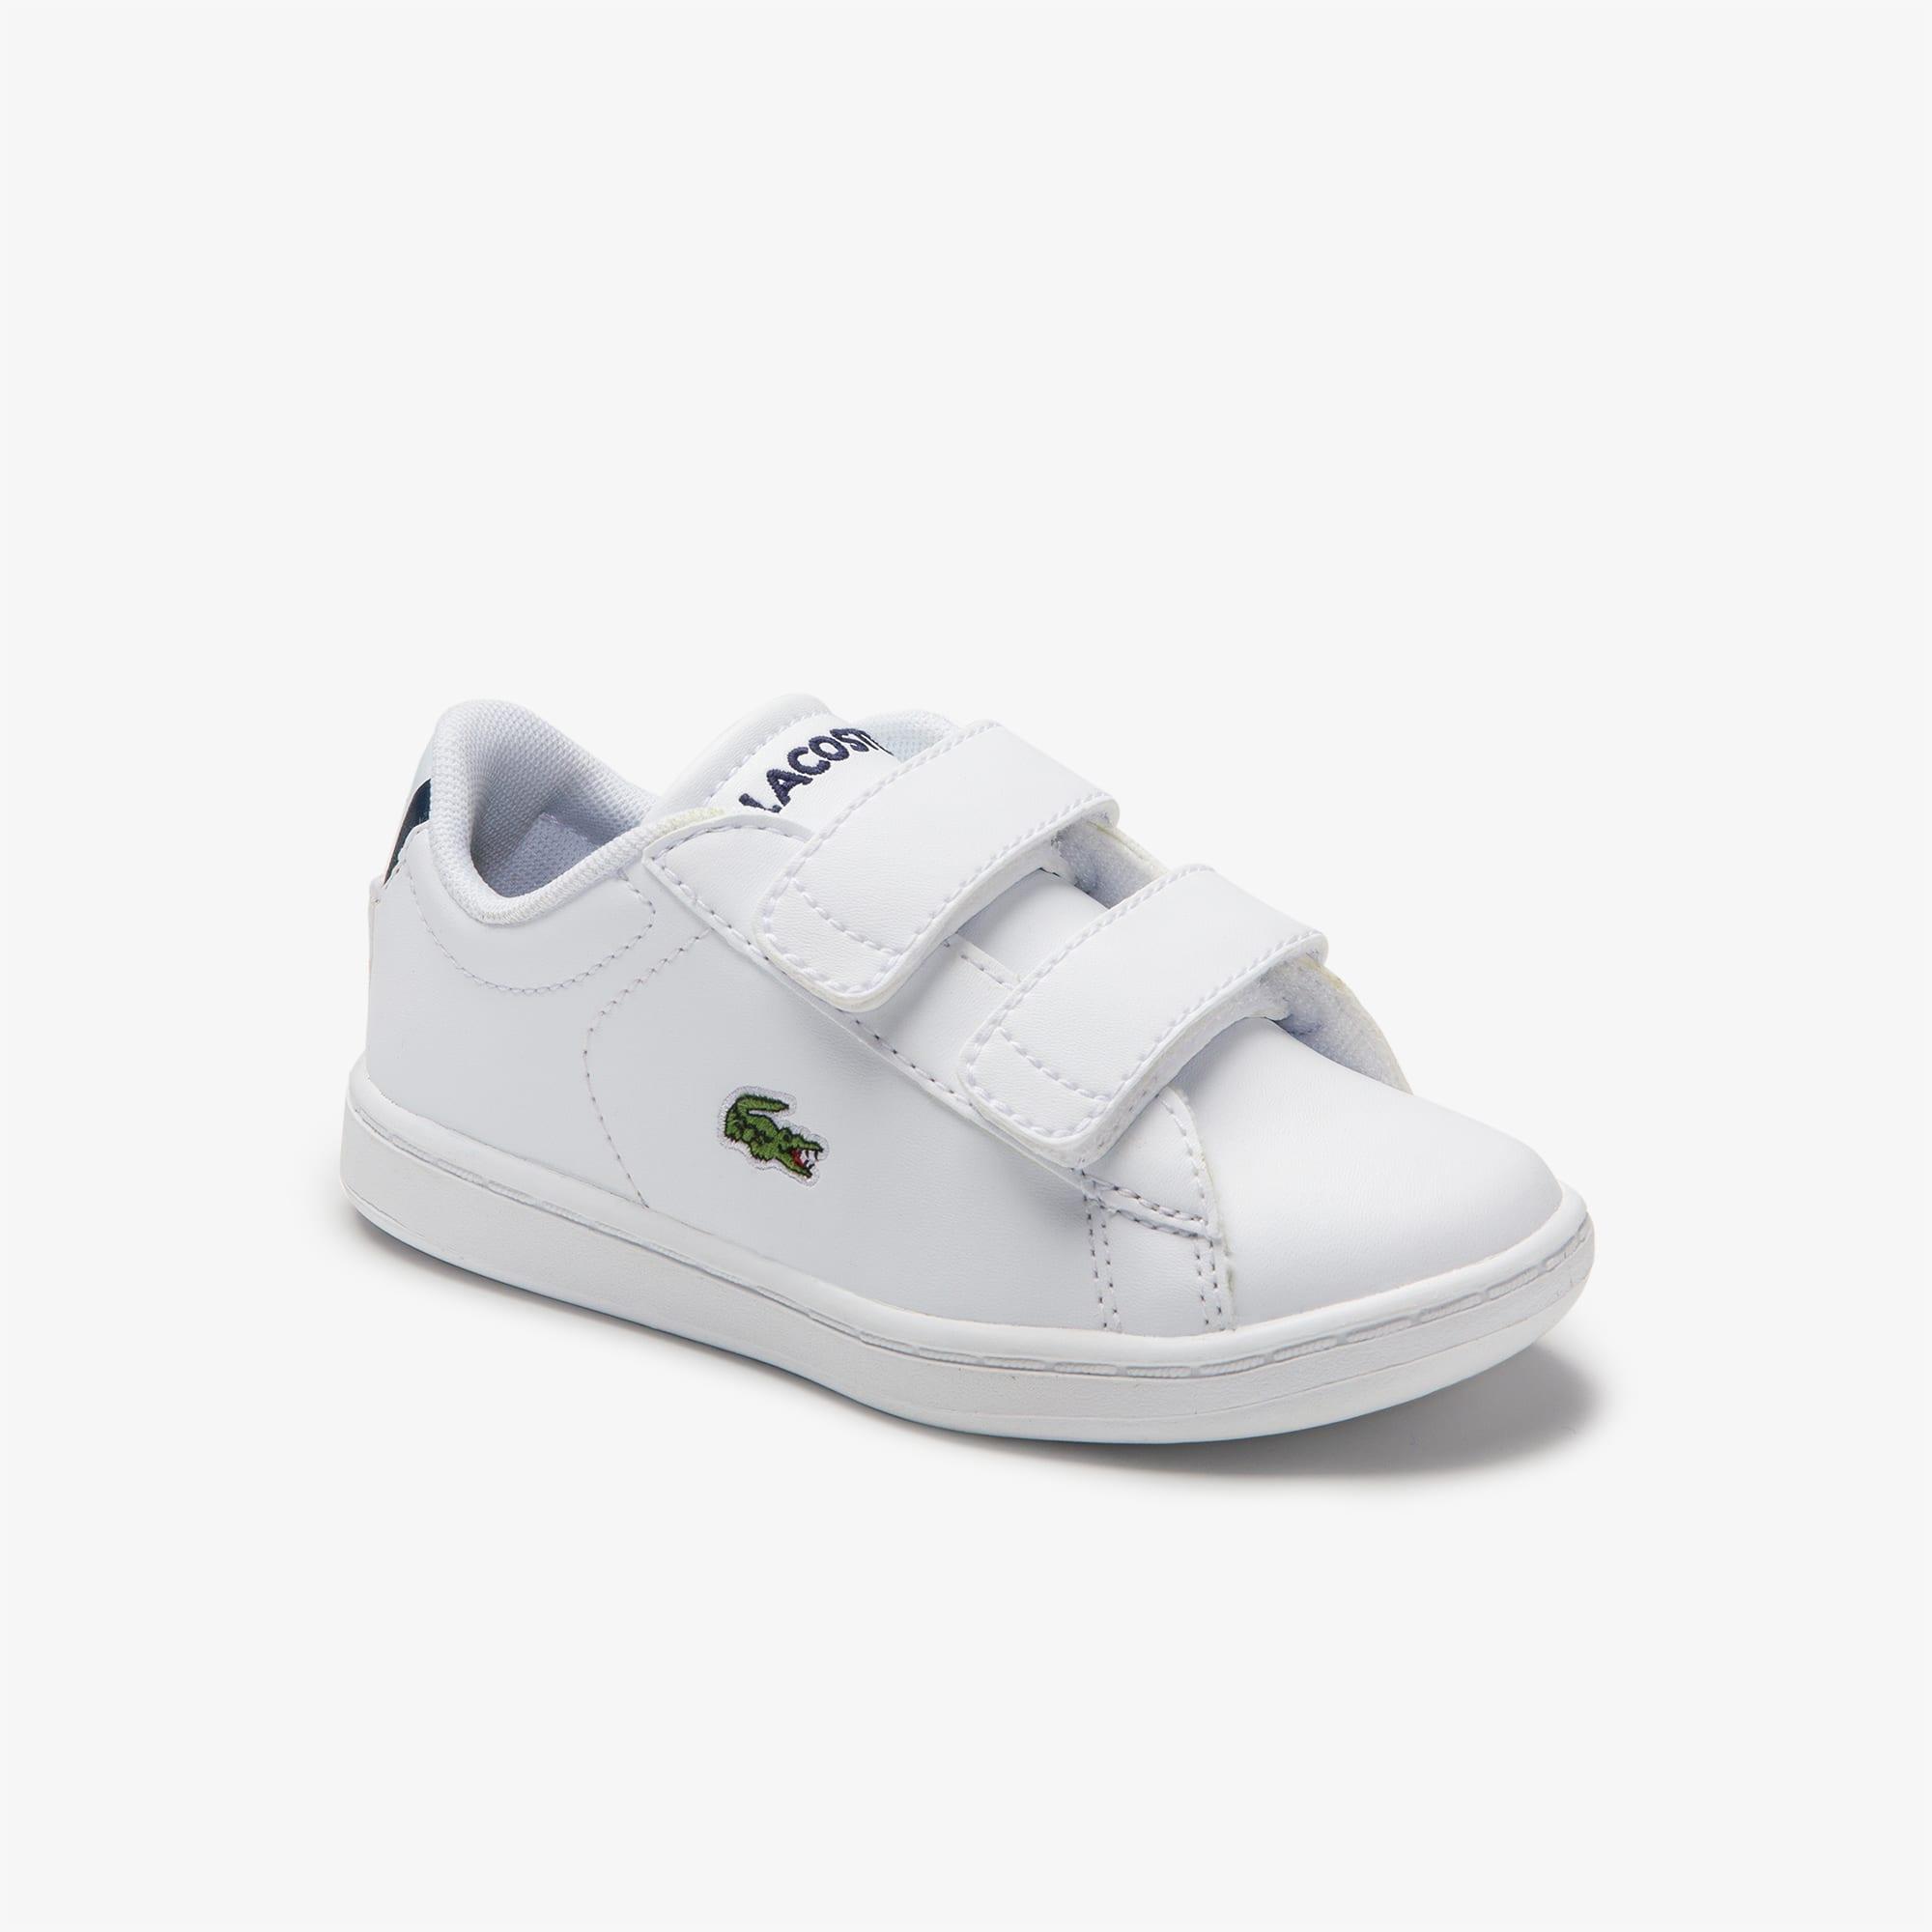 e498ec18e4b90 Clothing   Shoe collection